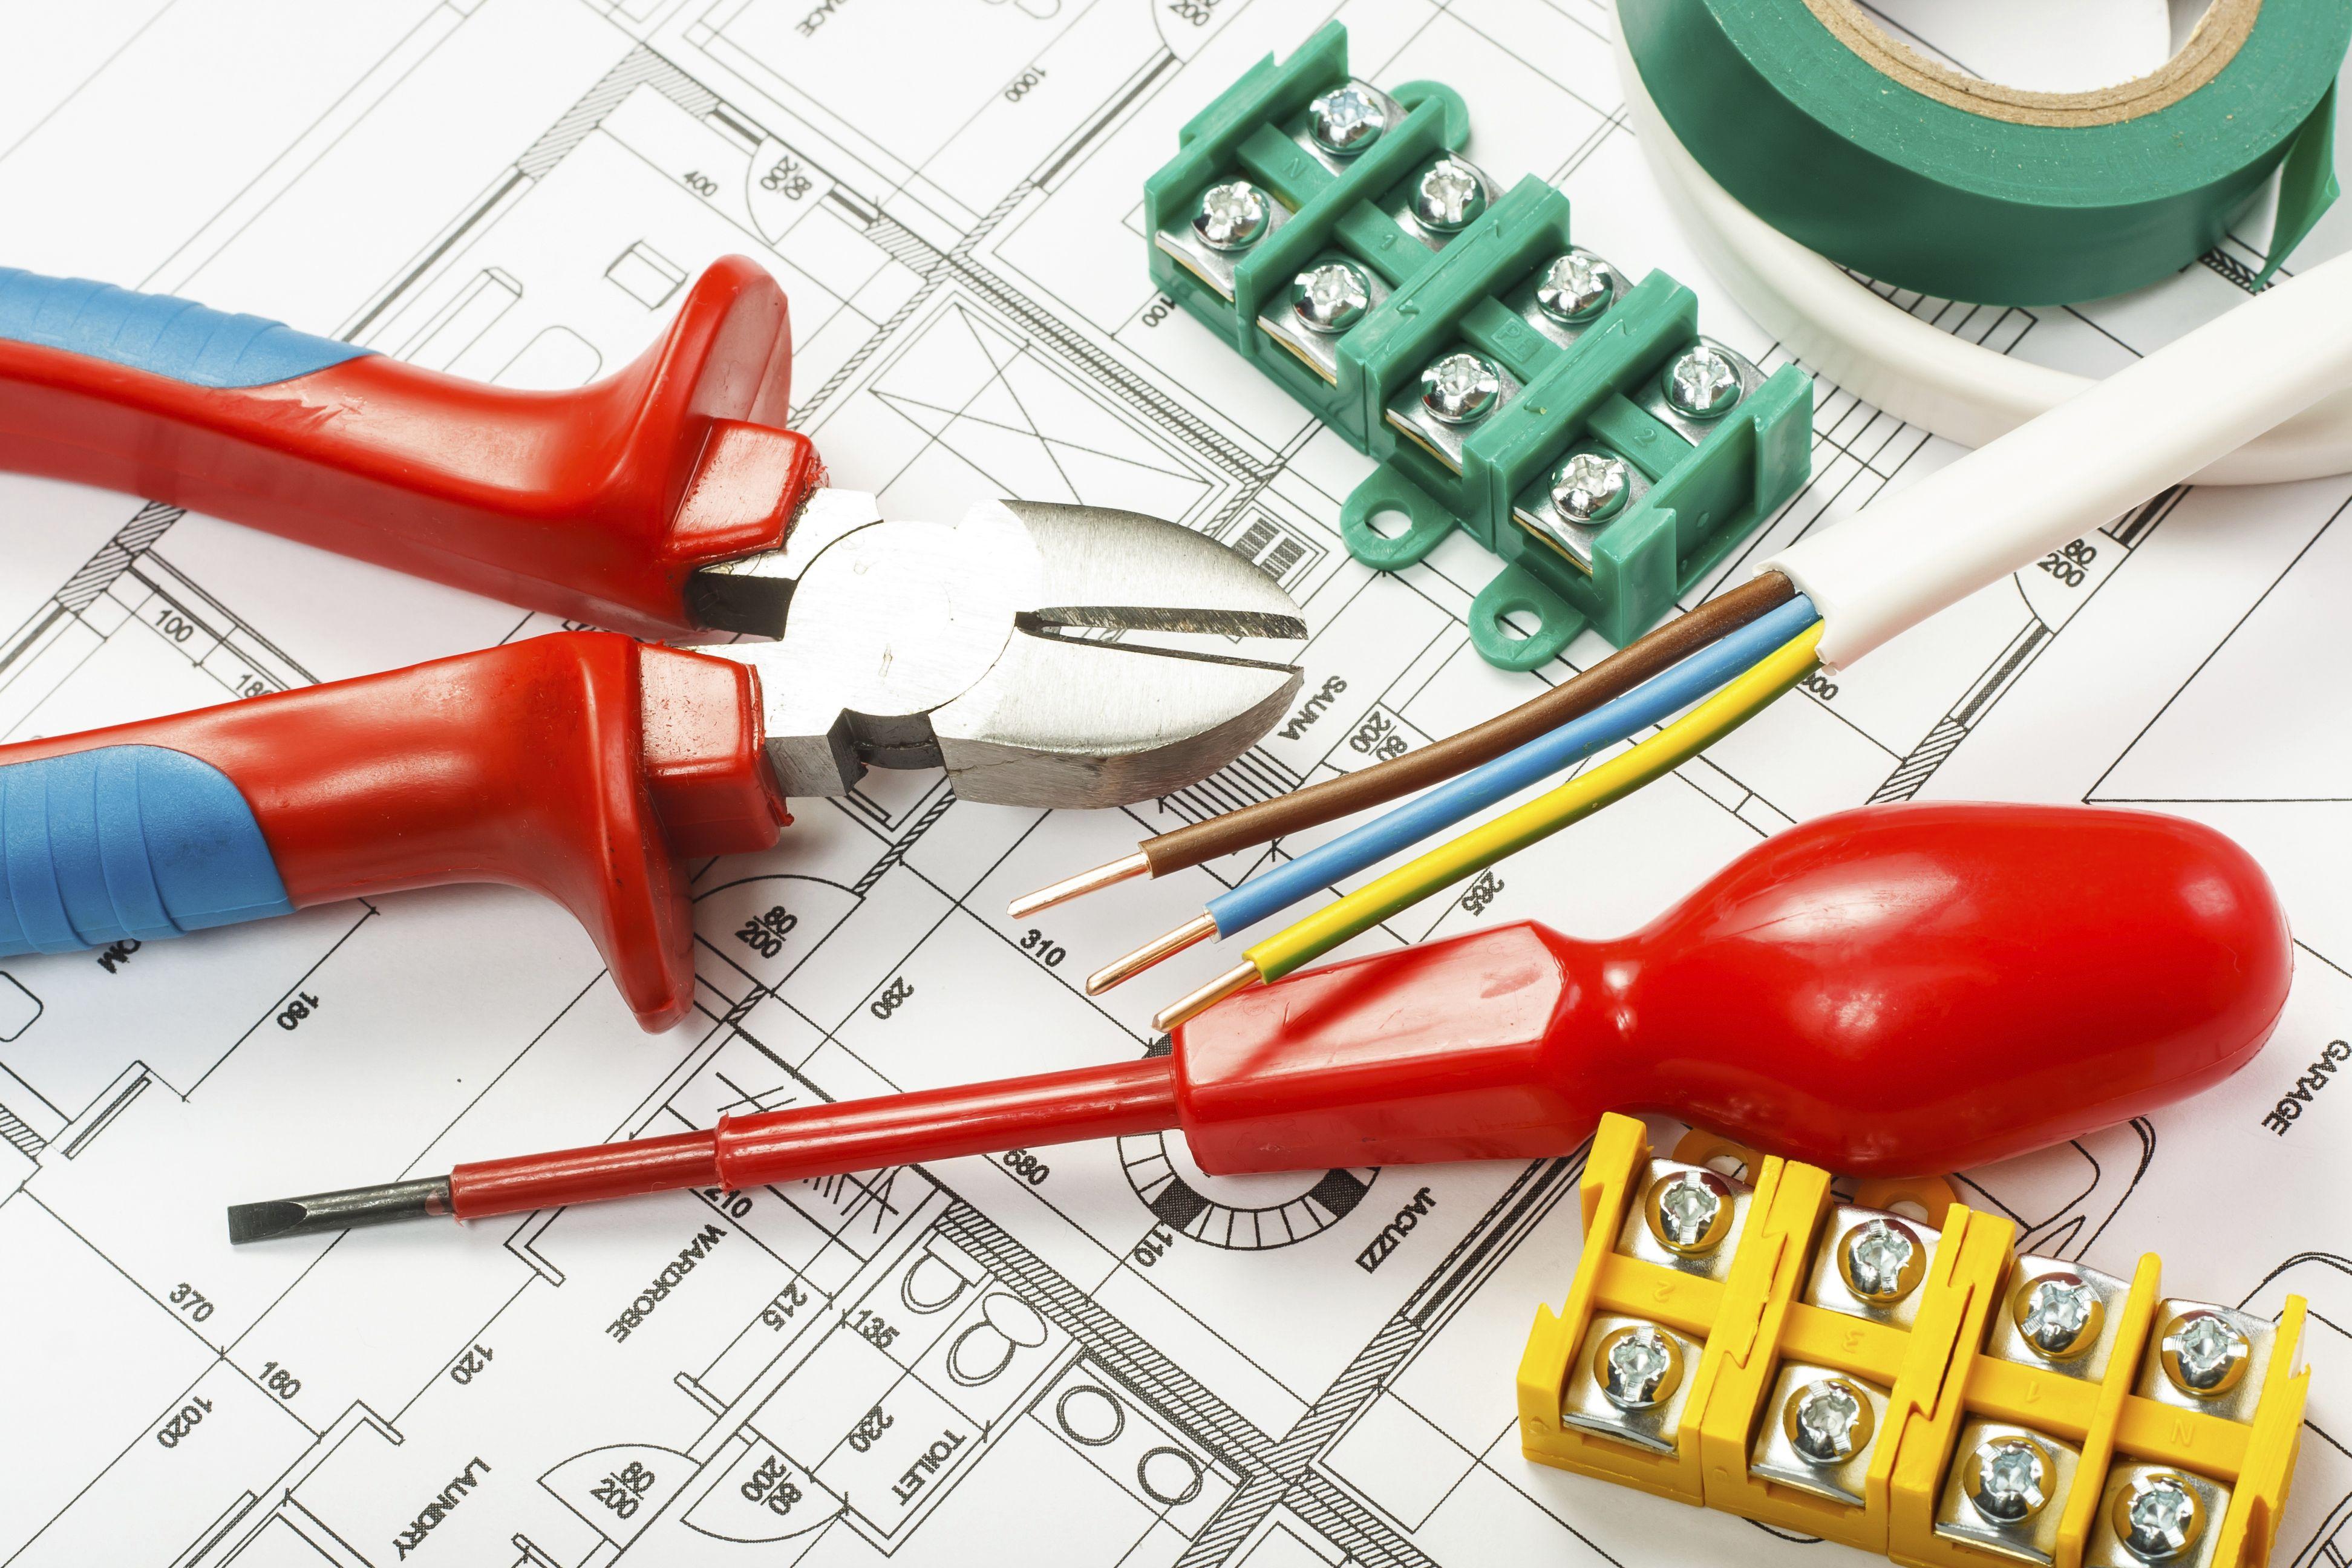 Servicio de mantenimiento eléctrico para empresas y comunidades: Servicios de Teléfono de urgencias